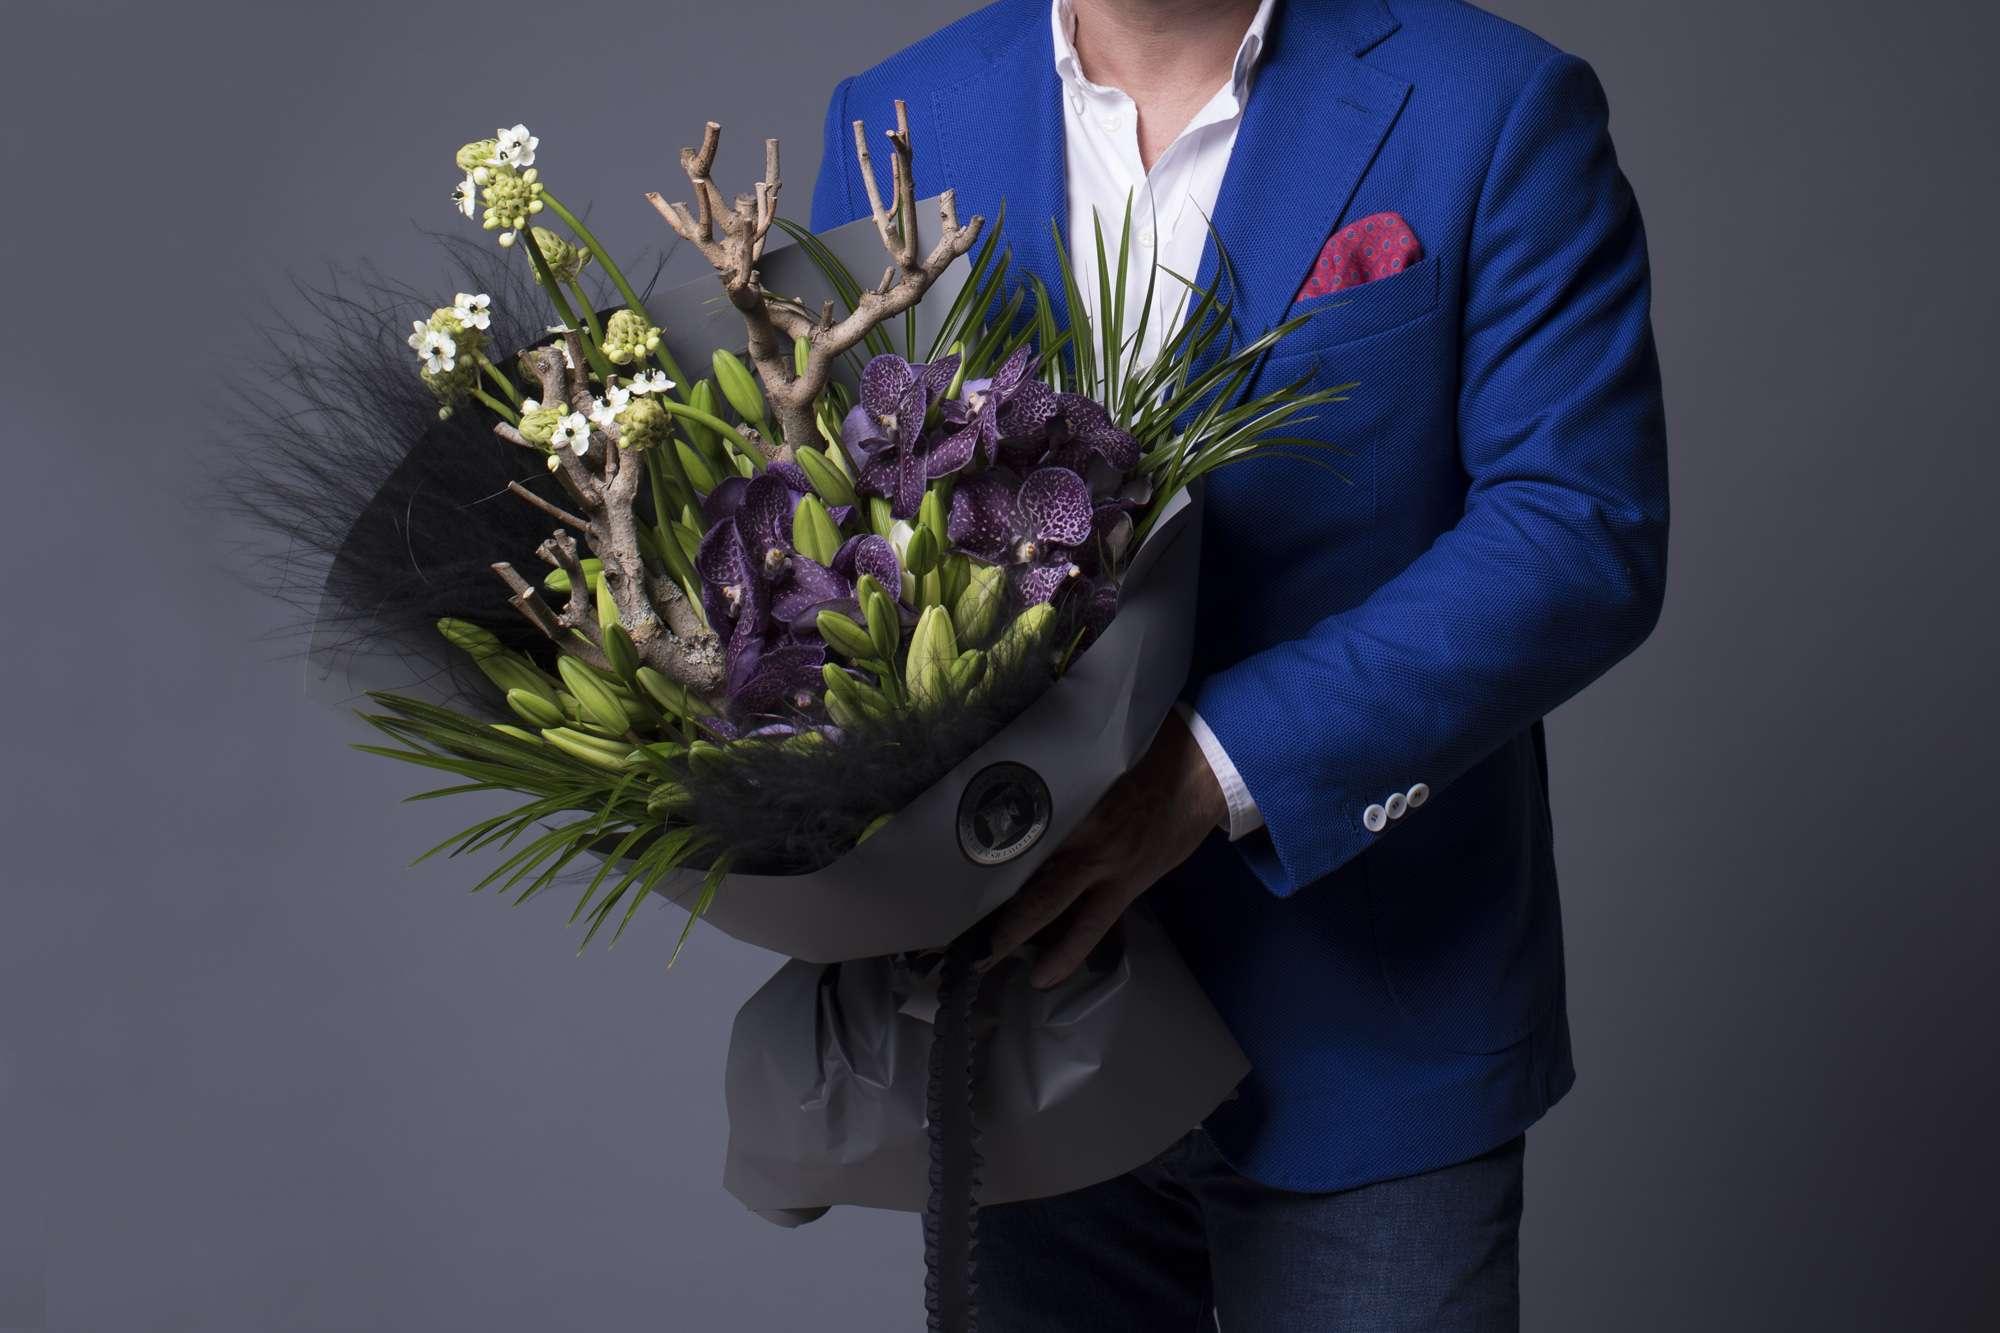 российская торгово-производственная цветы для мужчины на день рождения фото правой миндалиной, ближе